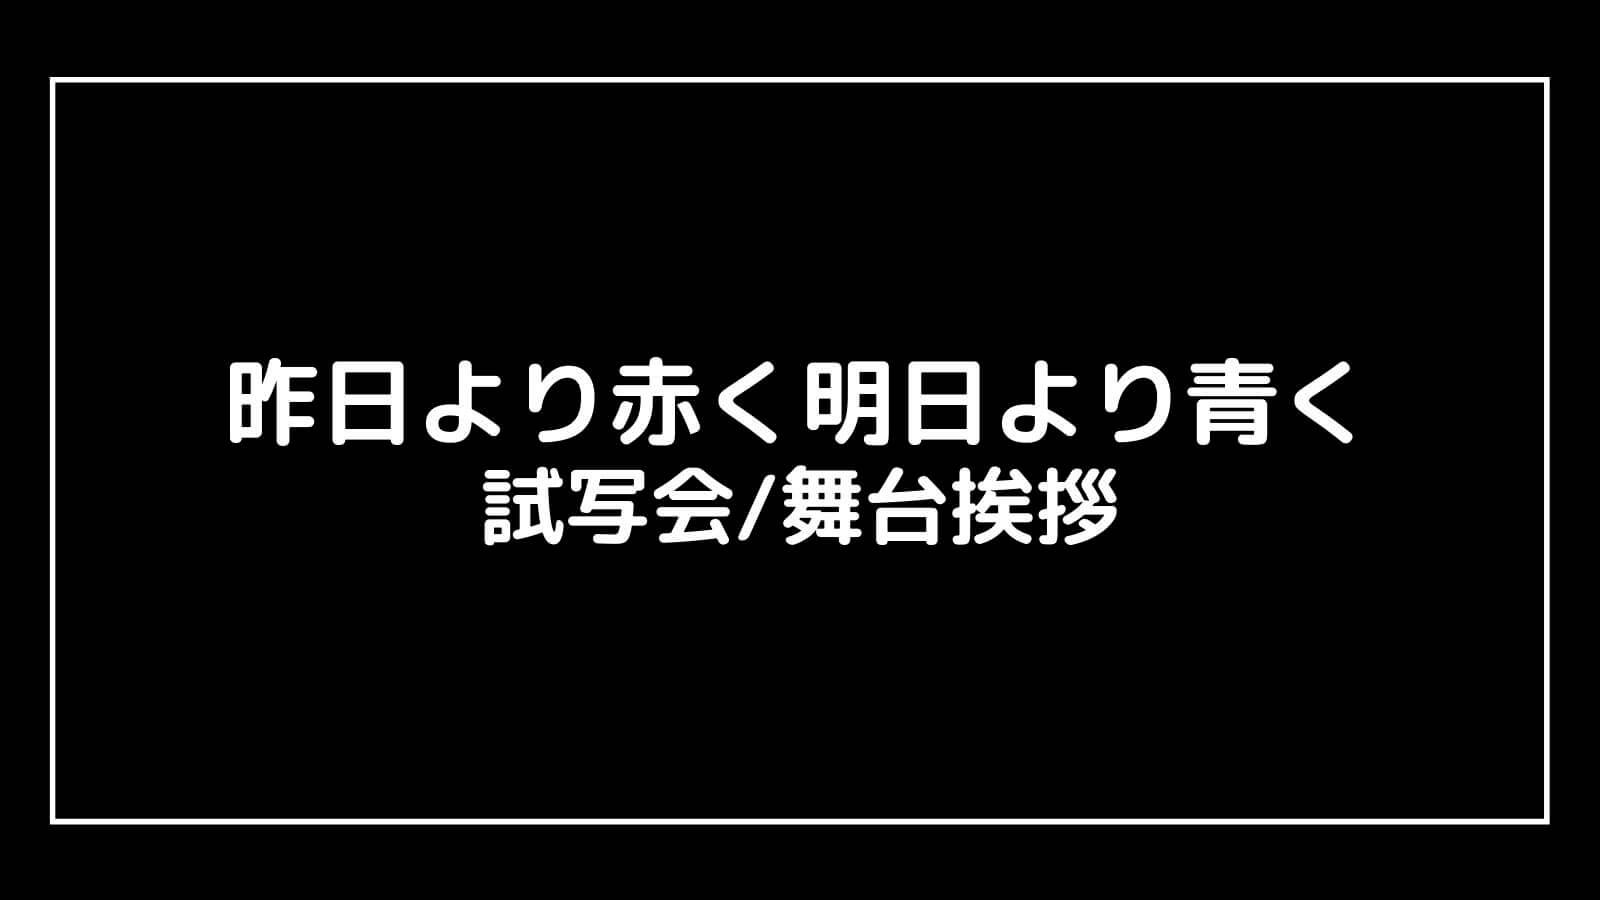 映画『昨日より赤く明日より青く』の試写会と舞台挨拶情報まとめ【CINEMA FIGHTERS project】